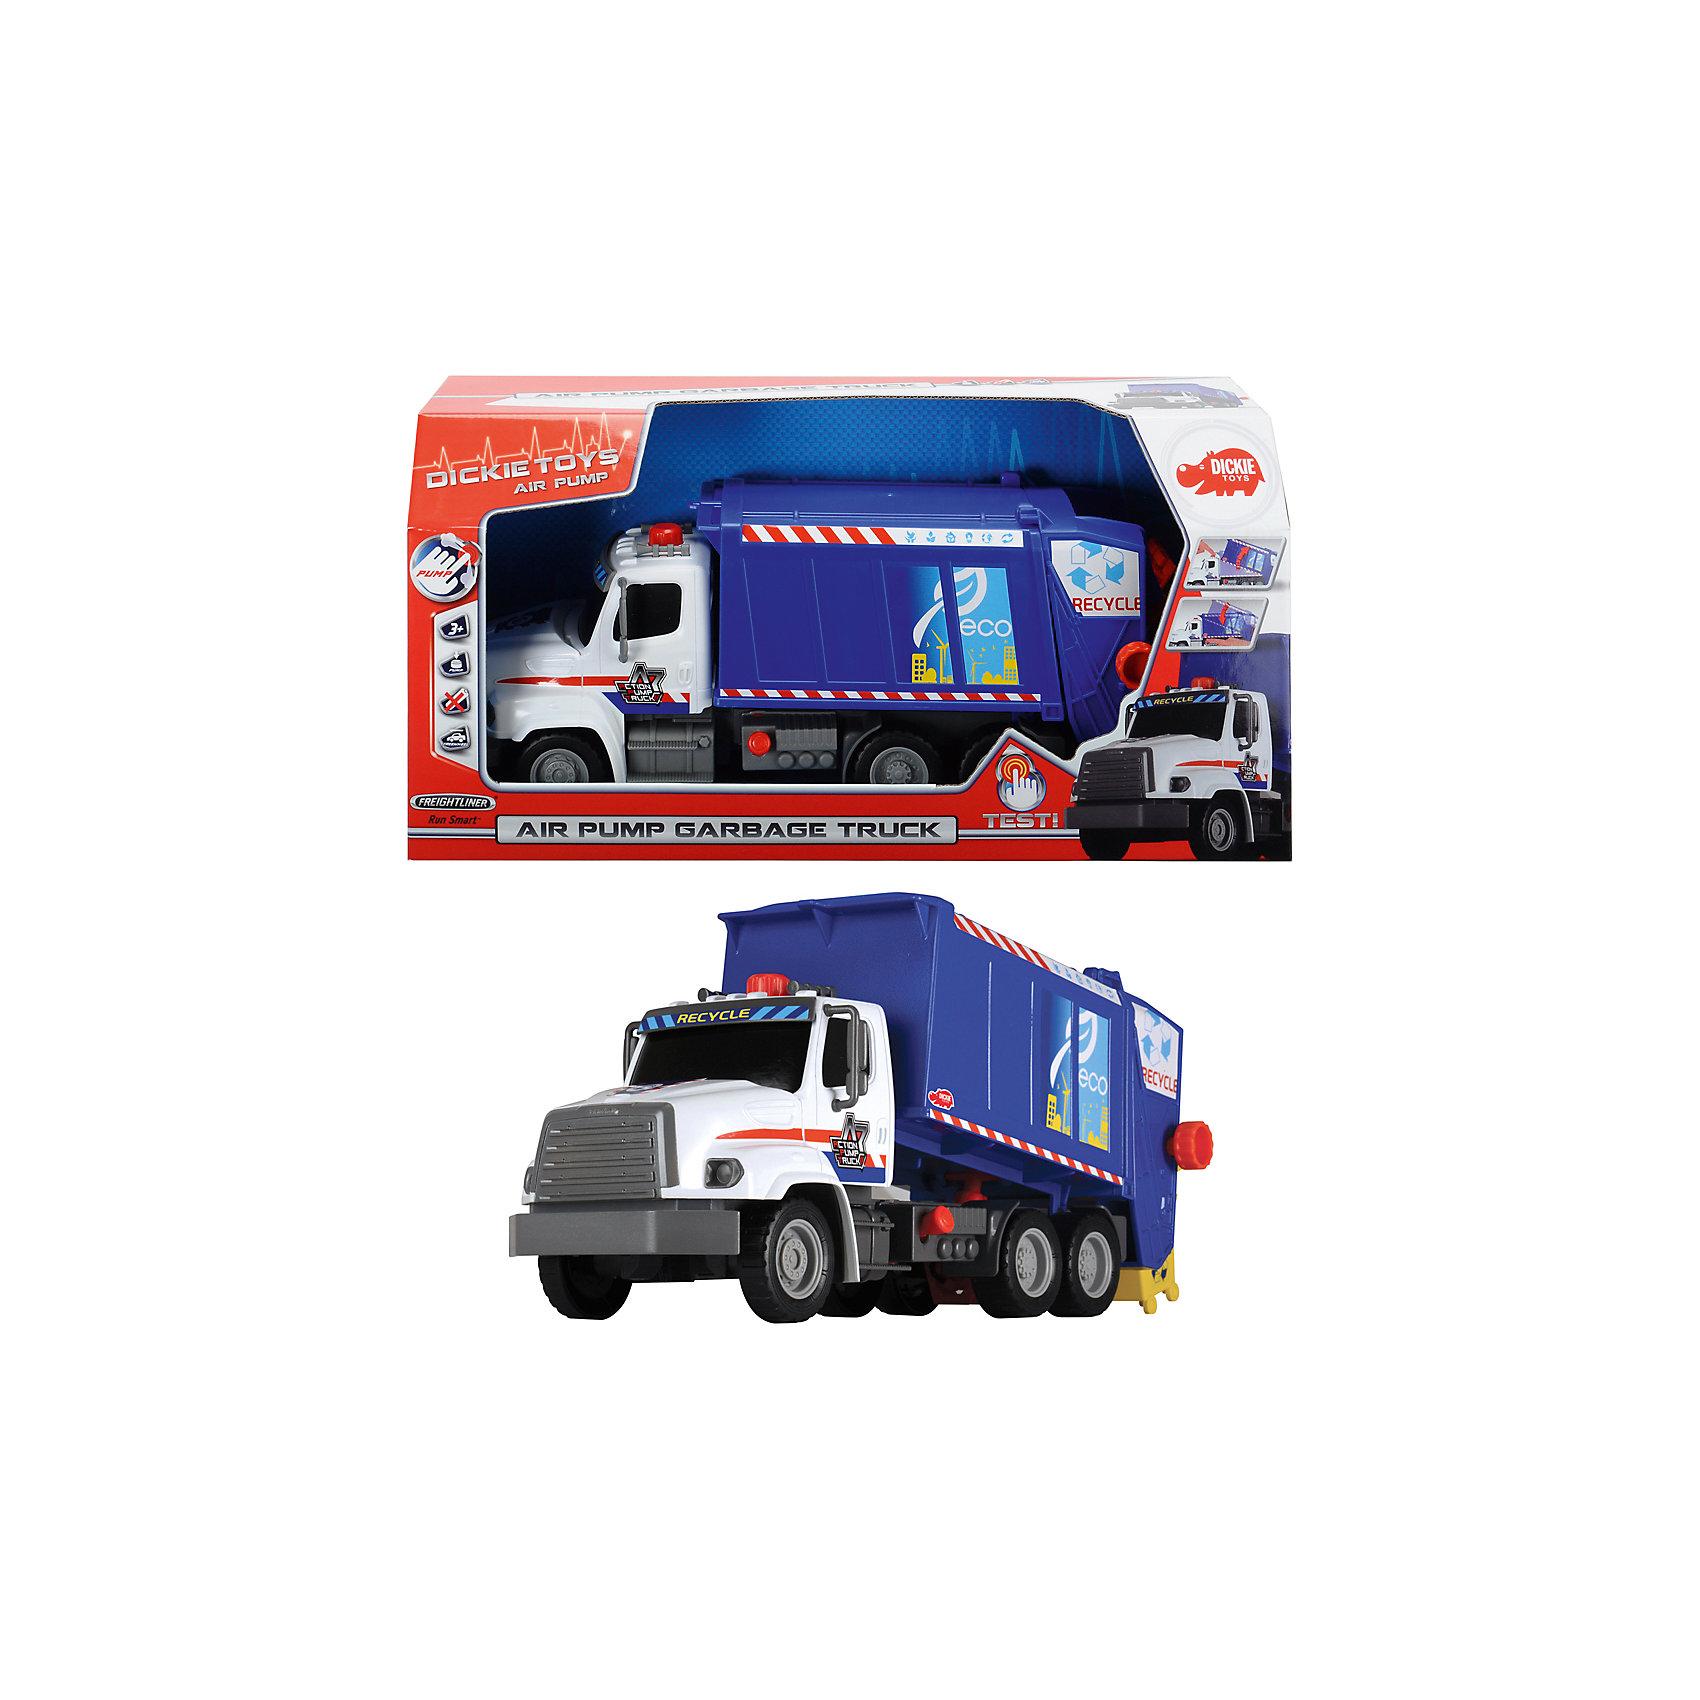 Мусоровоз, 32 см, DickieМашинки<br>Грузовик- мусоровоз займет достойное место в коллекции автомобилей любого мальчишки! Машина прекрасно детализирована, имеет множество реалистичных деталей, очень похожа на настоящий грузовик. Грузовик имеет подвижные колеса с широкими рельефными протекторами, оснащен вместительным кузовом с механизмом подъема и опускания. Подъем осуществляется с помощью насоса на крыше кабины, а опустить вышку можно потянув за рычаг, расположенный на кузове. Игрушка выполнена из прочных экологичных материалов, в производстве которых использованы нетоксичные, безопасные красители. <br><br>Дополнительная информация:<br><br>- Материал: пластик, металл.<br>- Размер: 46 см.<br>- Подвижные колеса.<br>- Вместительный подвижный кузов.<br>- Комплектация: машинка, мусорный контейнер.<br><br><br>Мусоровоз, 32 см, Dickie (Дикки), можно купить в нашем магазине.<br><br>Ширина мм: 400<br>Глубина мм: 130<br>Высота мм: 200<br>Вес г: 900<br>Возраст от месяцев: 36<br>Возраст до месяцев: 84<br>Пол: Мужской<br>Возраст: Детский<br>SKU: 4582750